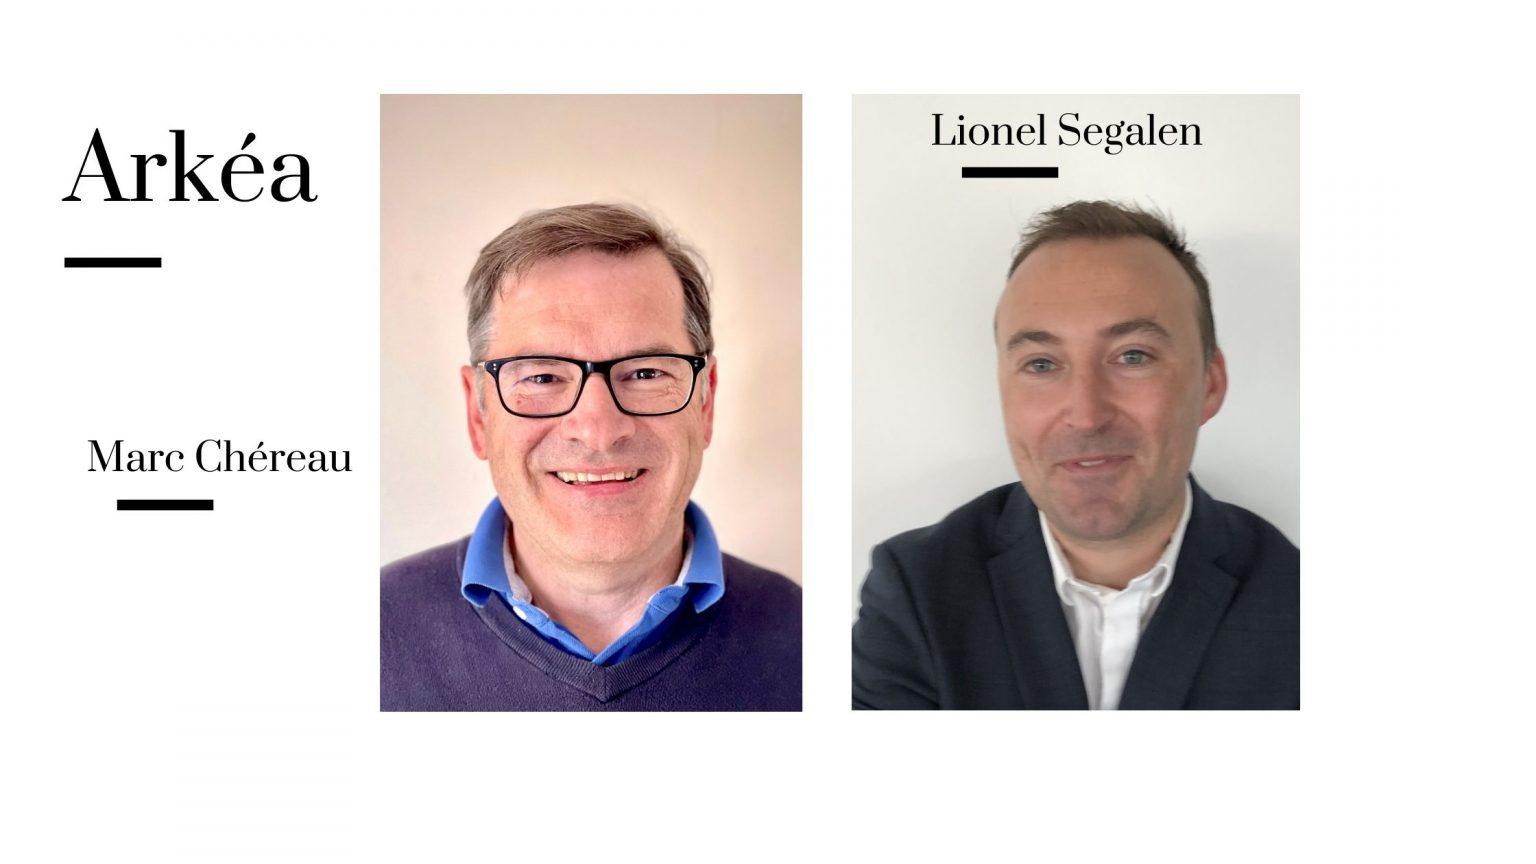 Arkéa : l'IT au service de la banque et de ses enjeux environnementaux et sociétaux ! L'interview de Marc Chéreau et Lionel Segalen